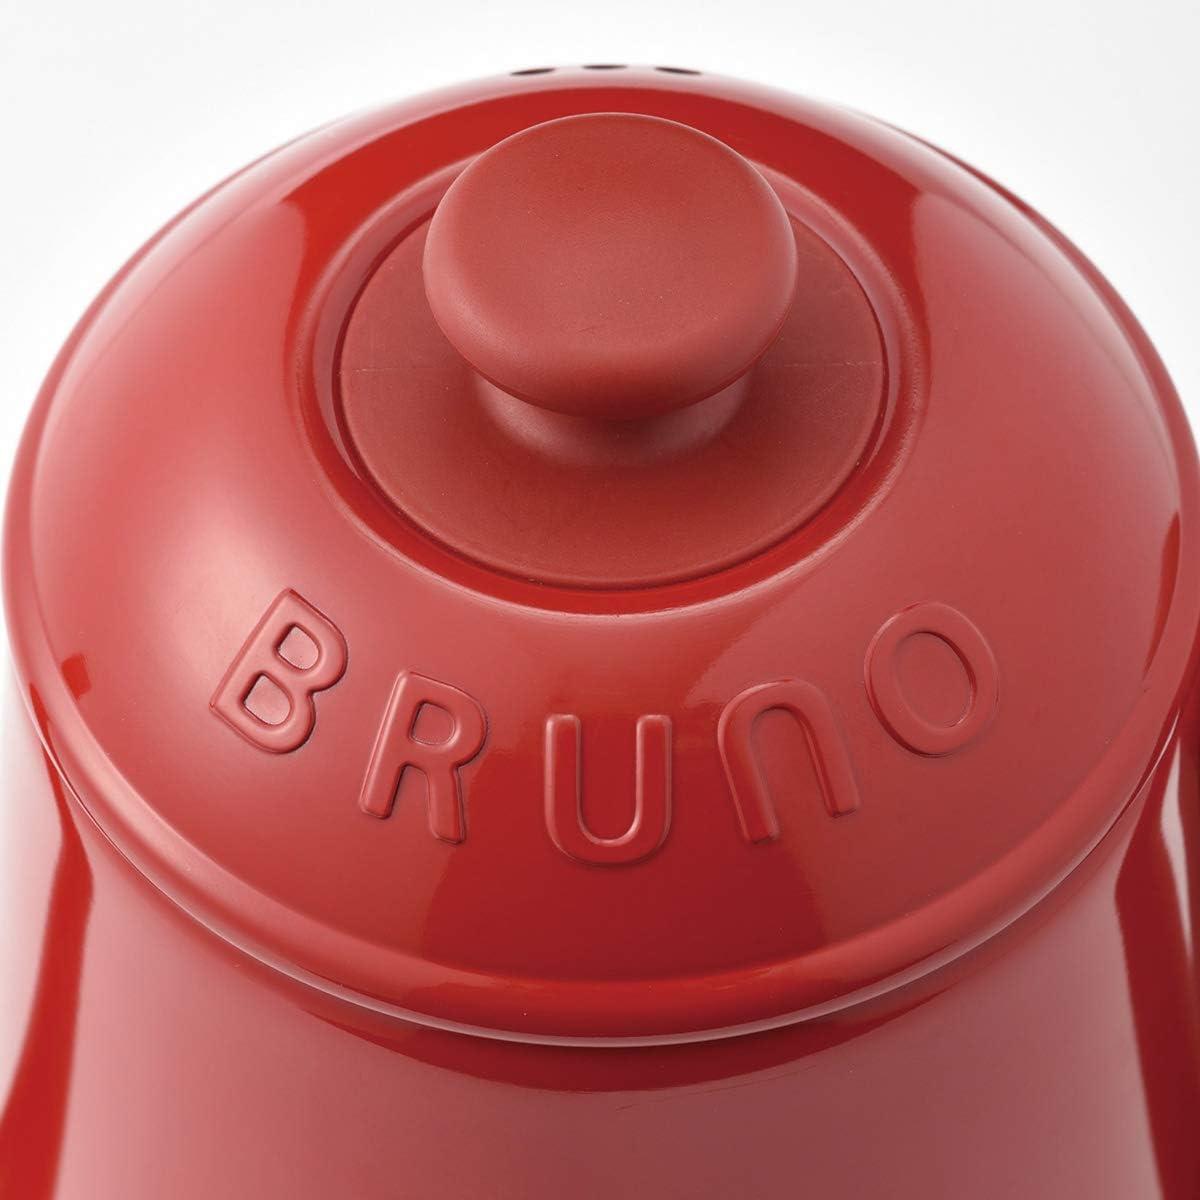 BRUNO(ブルーノ)ステンレスデイリーケトル